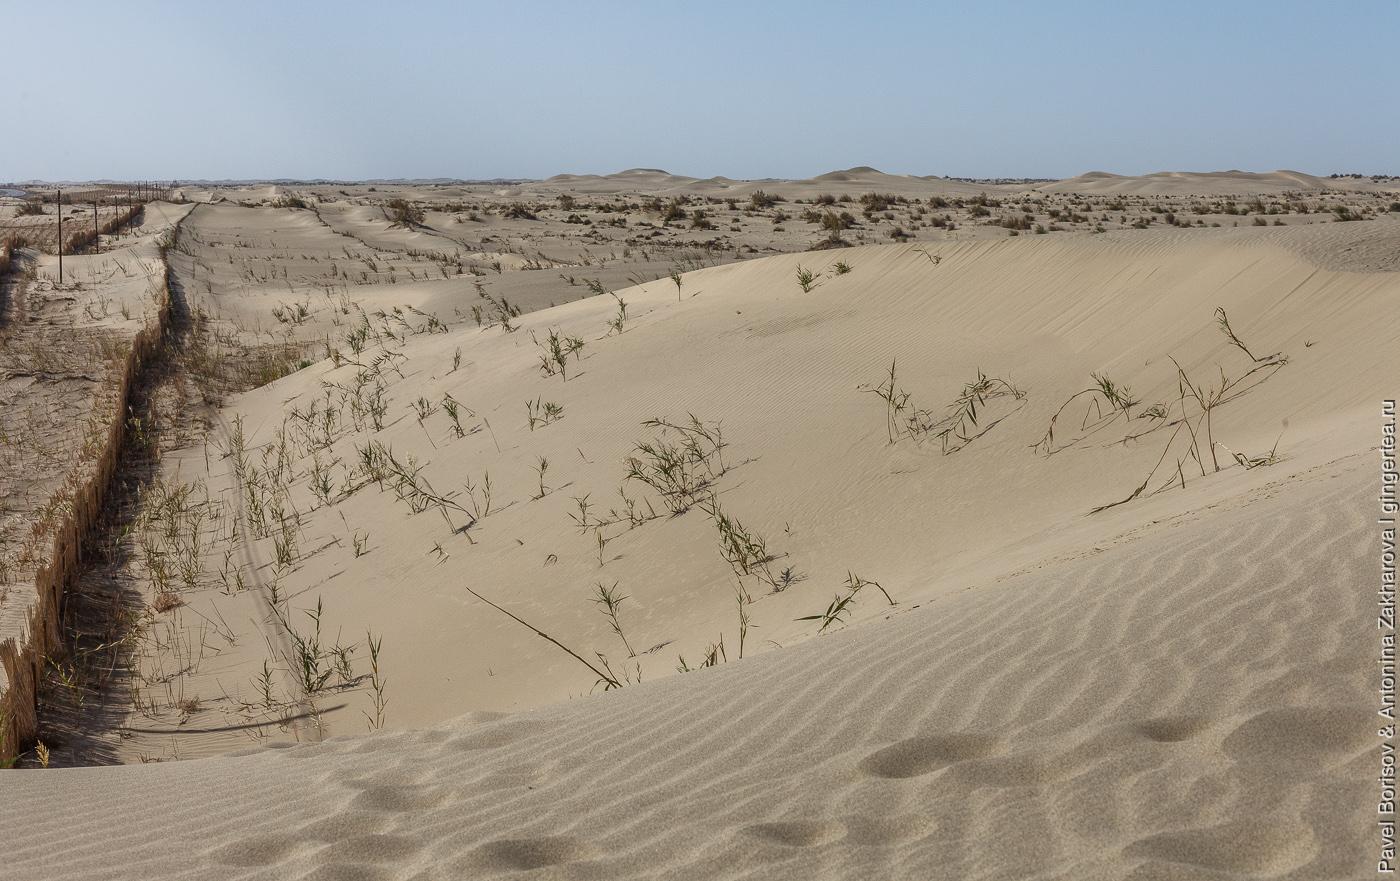 песчаные дюны в пустыне Такла-Макан